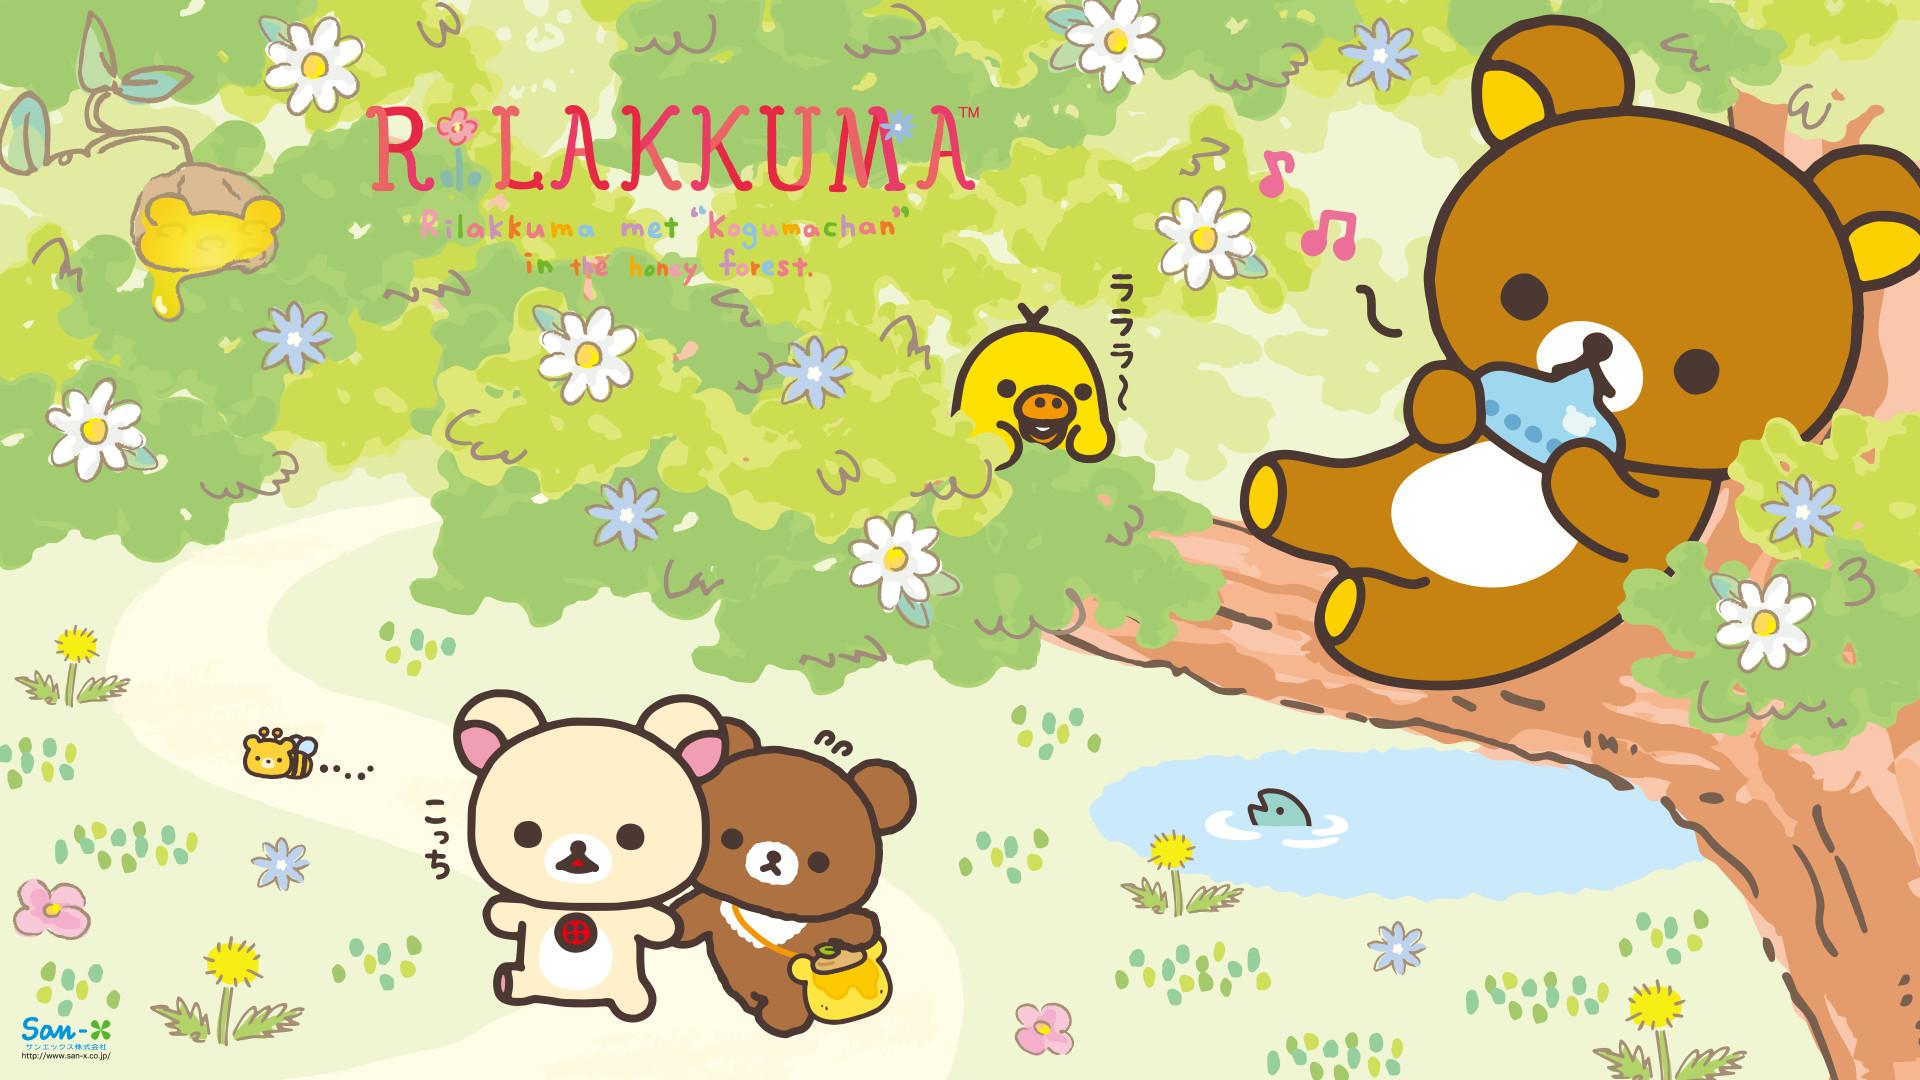 pc01_1080_1920.png (1920×1080)   kawaii character   Pinterest   Rilakkuma,  Sanrio and Patterns